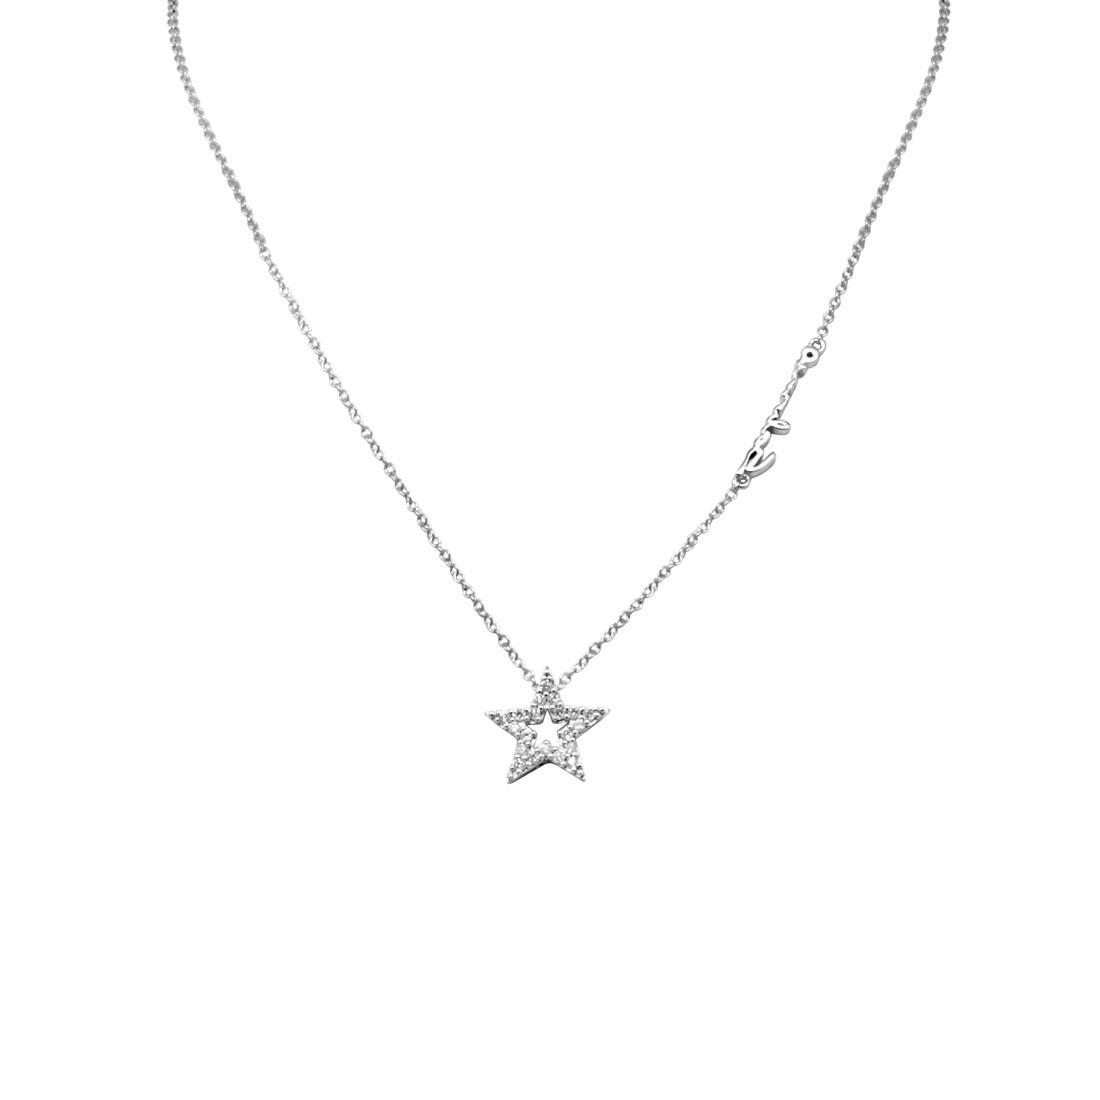 Collana con pendente stella in oro bianco e diamanti ct 0.12 - SALVINI